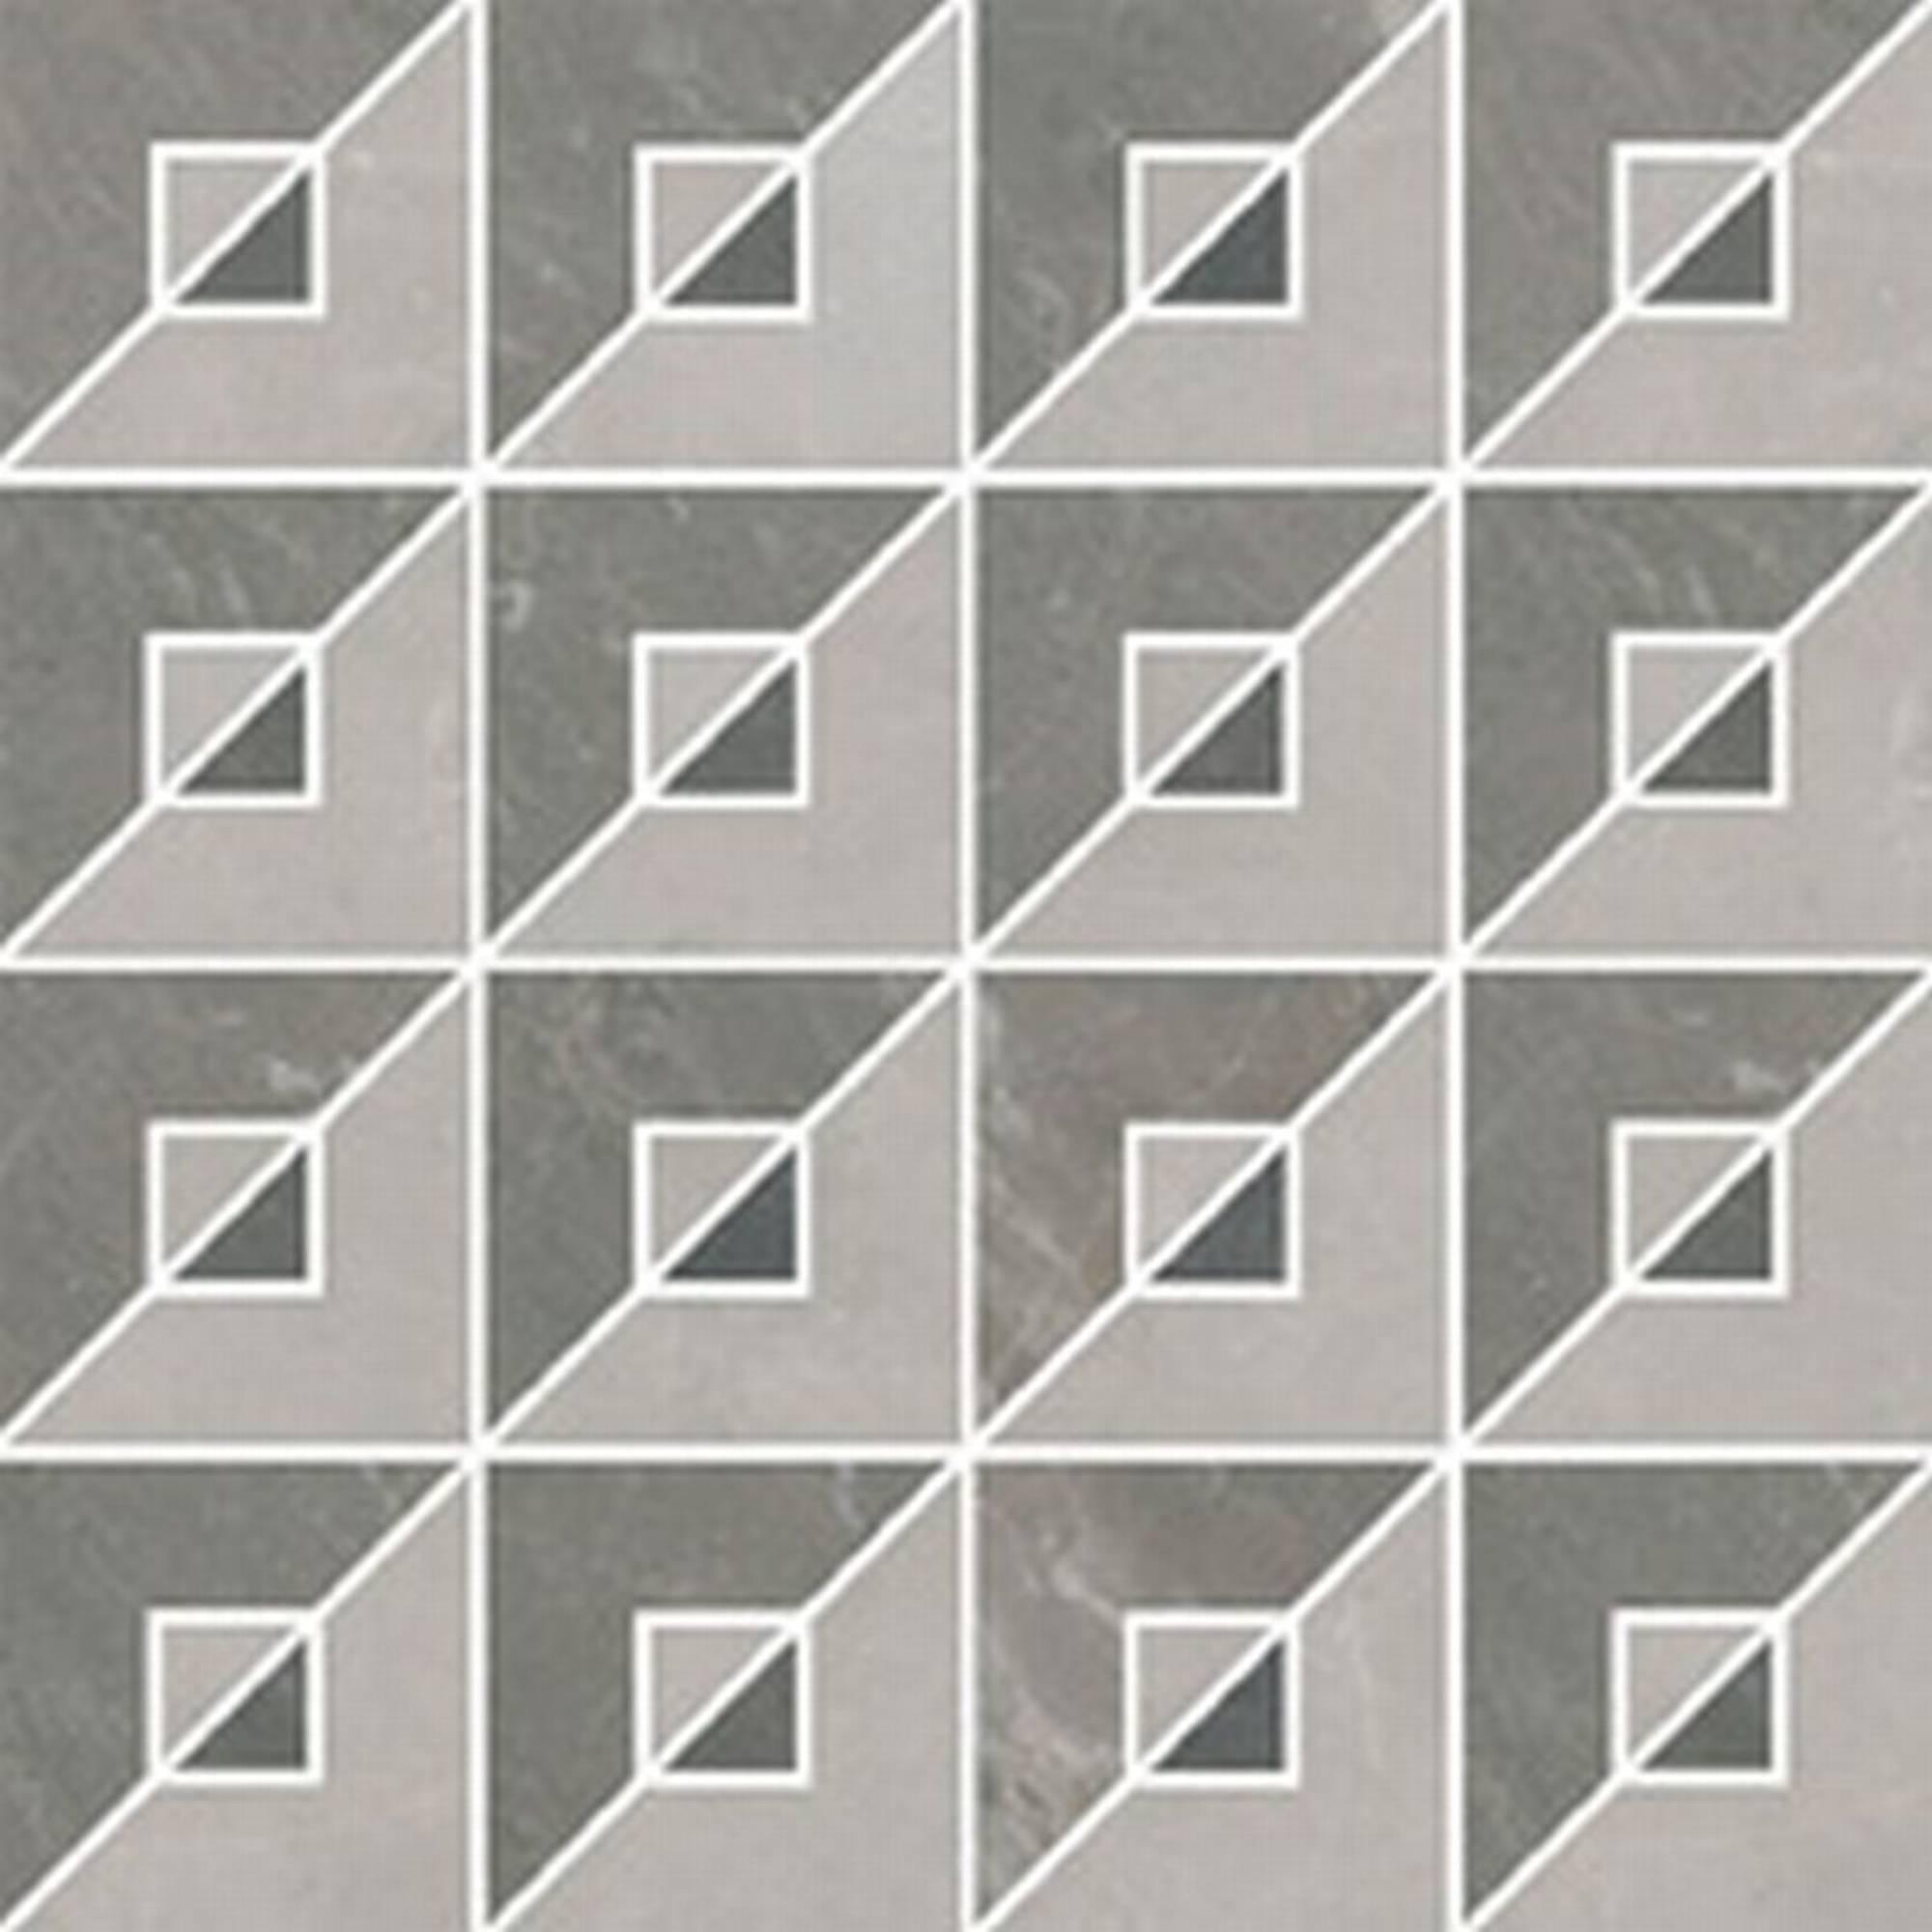 Villeroy & boch Astoria decortegel 37.5 x 37.5 cm., meerkleurig